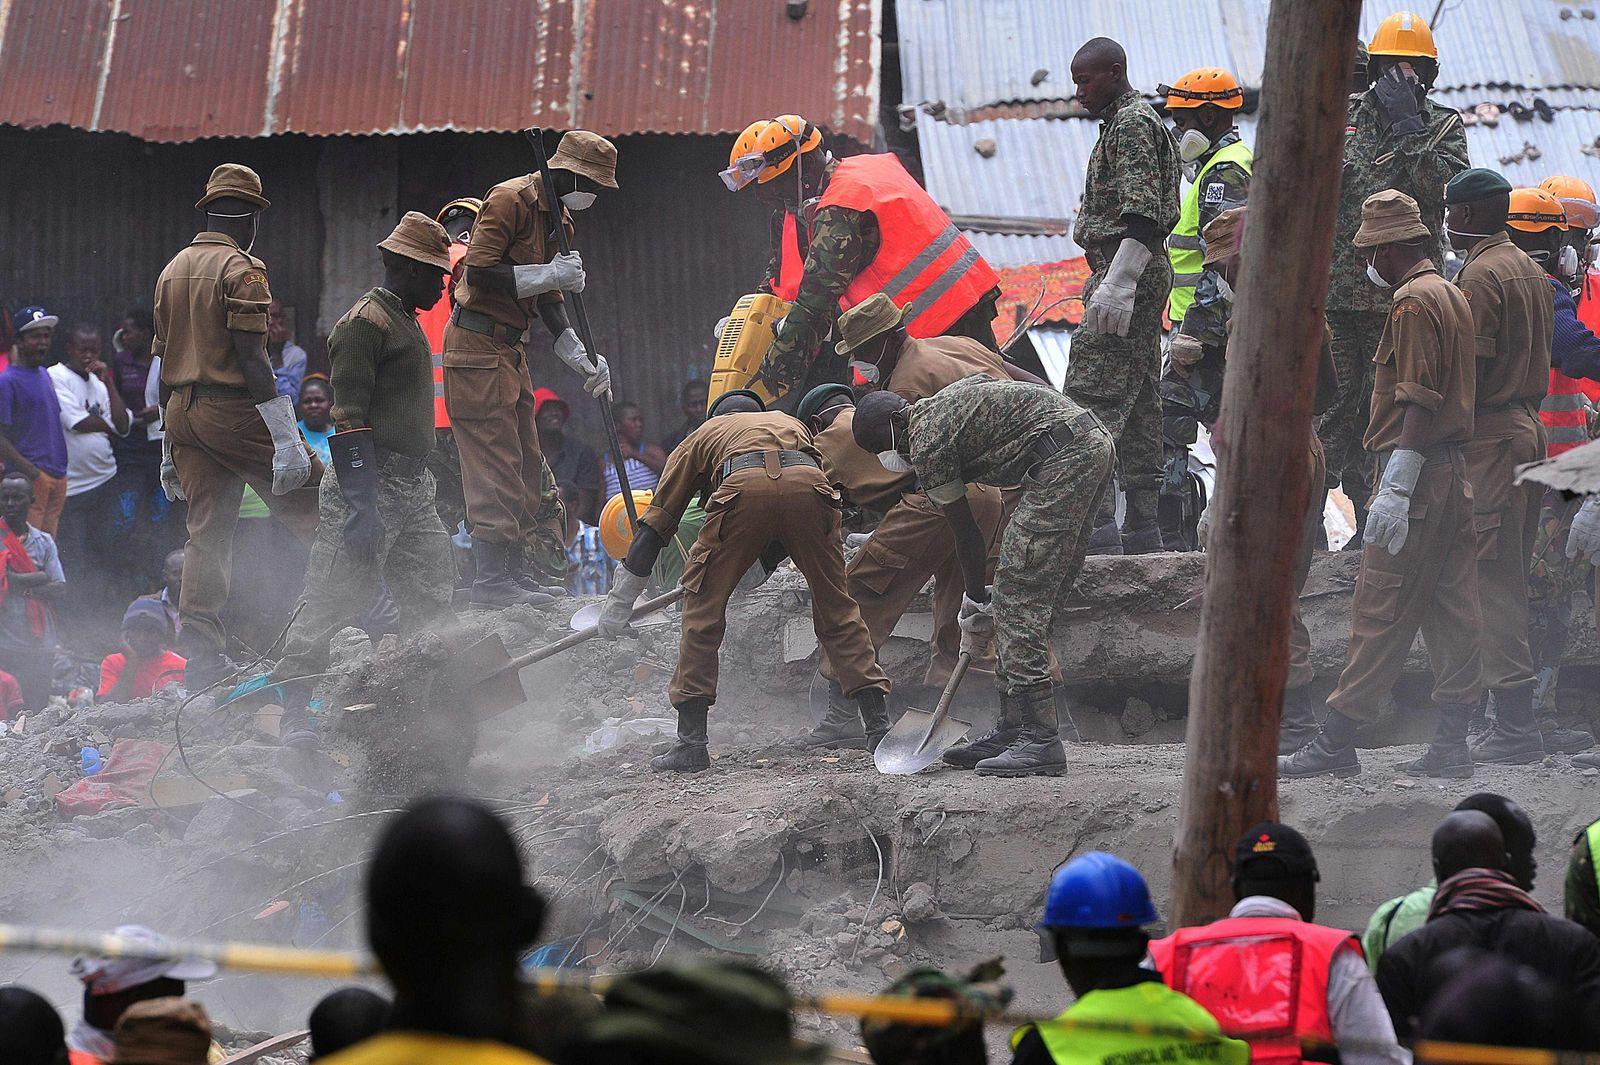 KENYA-BUILDING-ACCIDENT-FLOODS